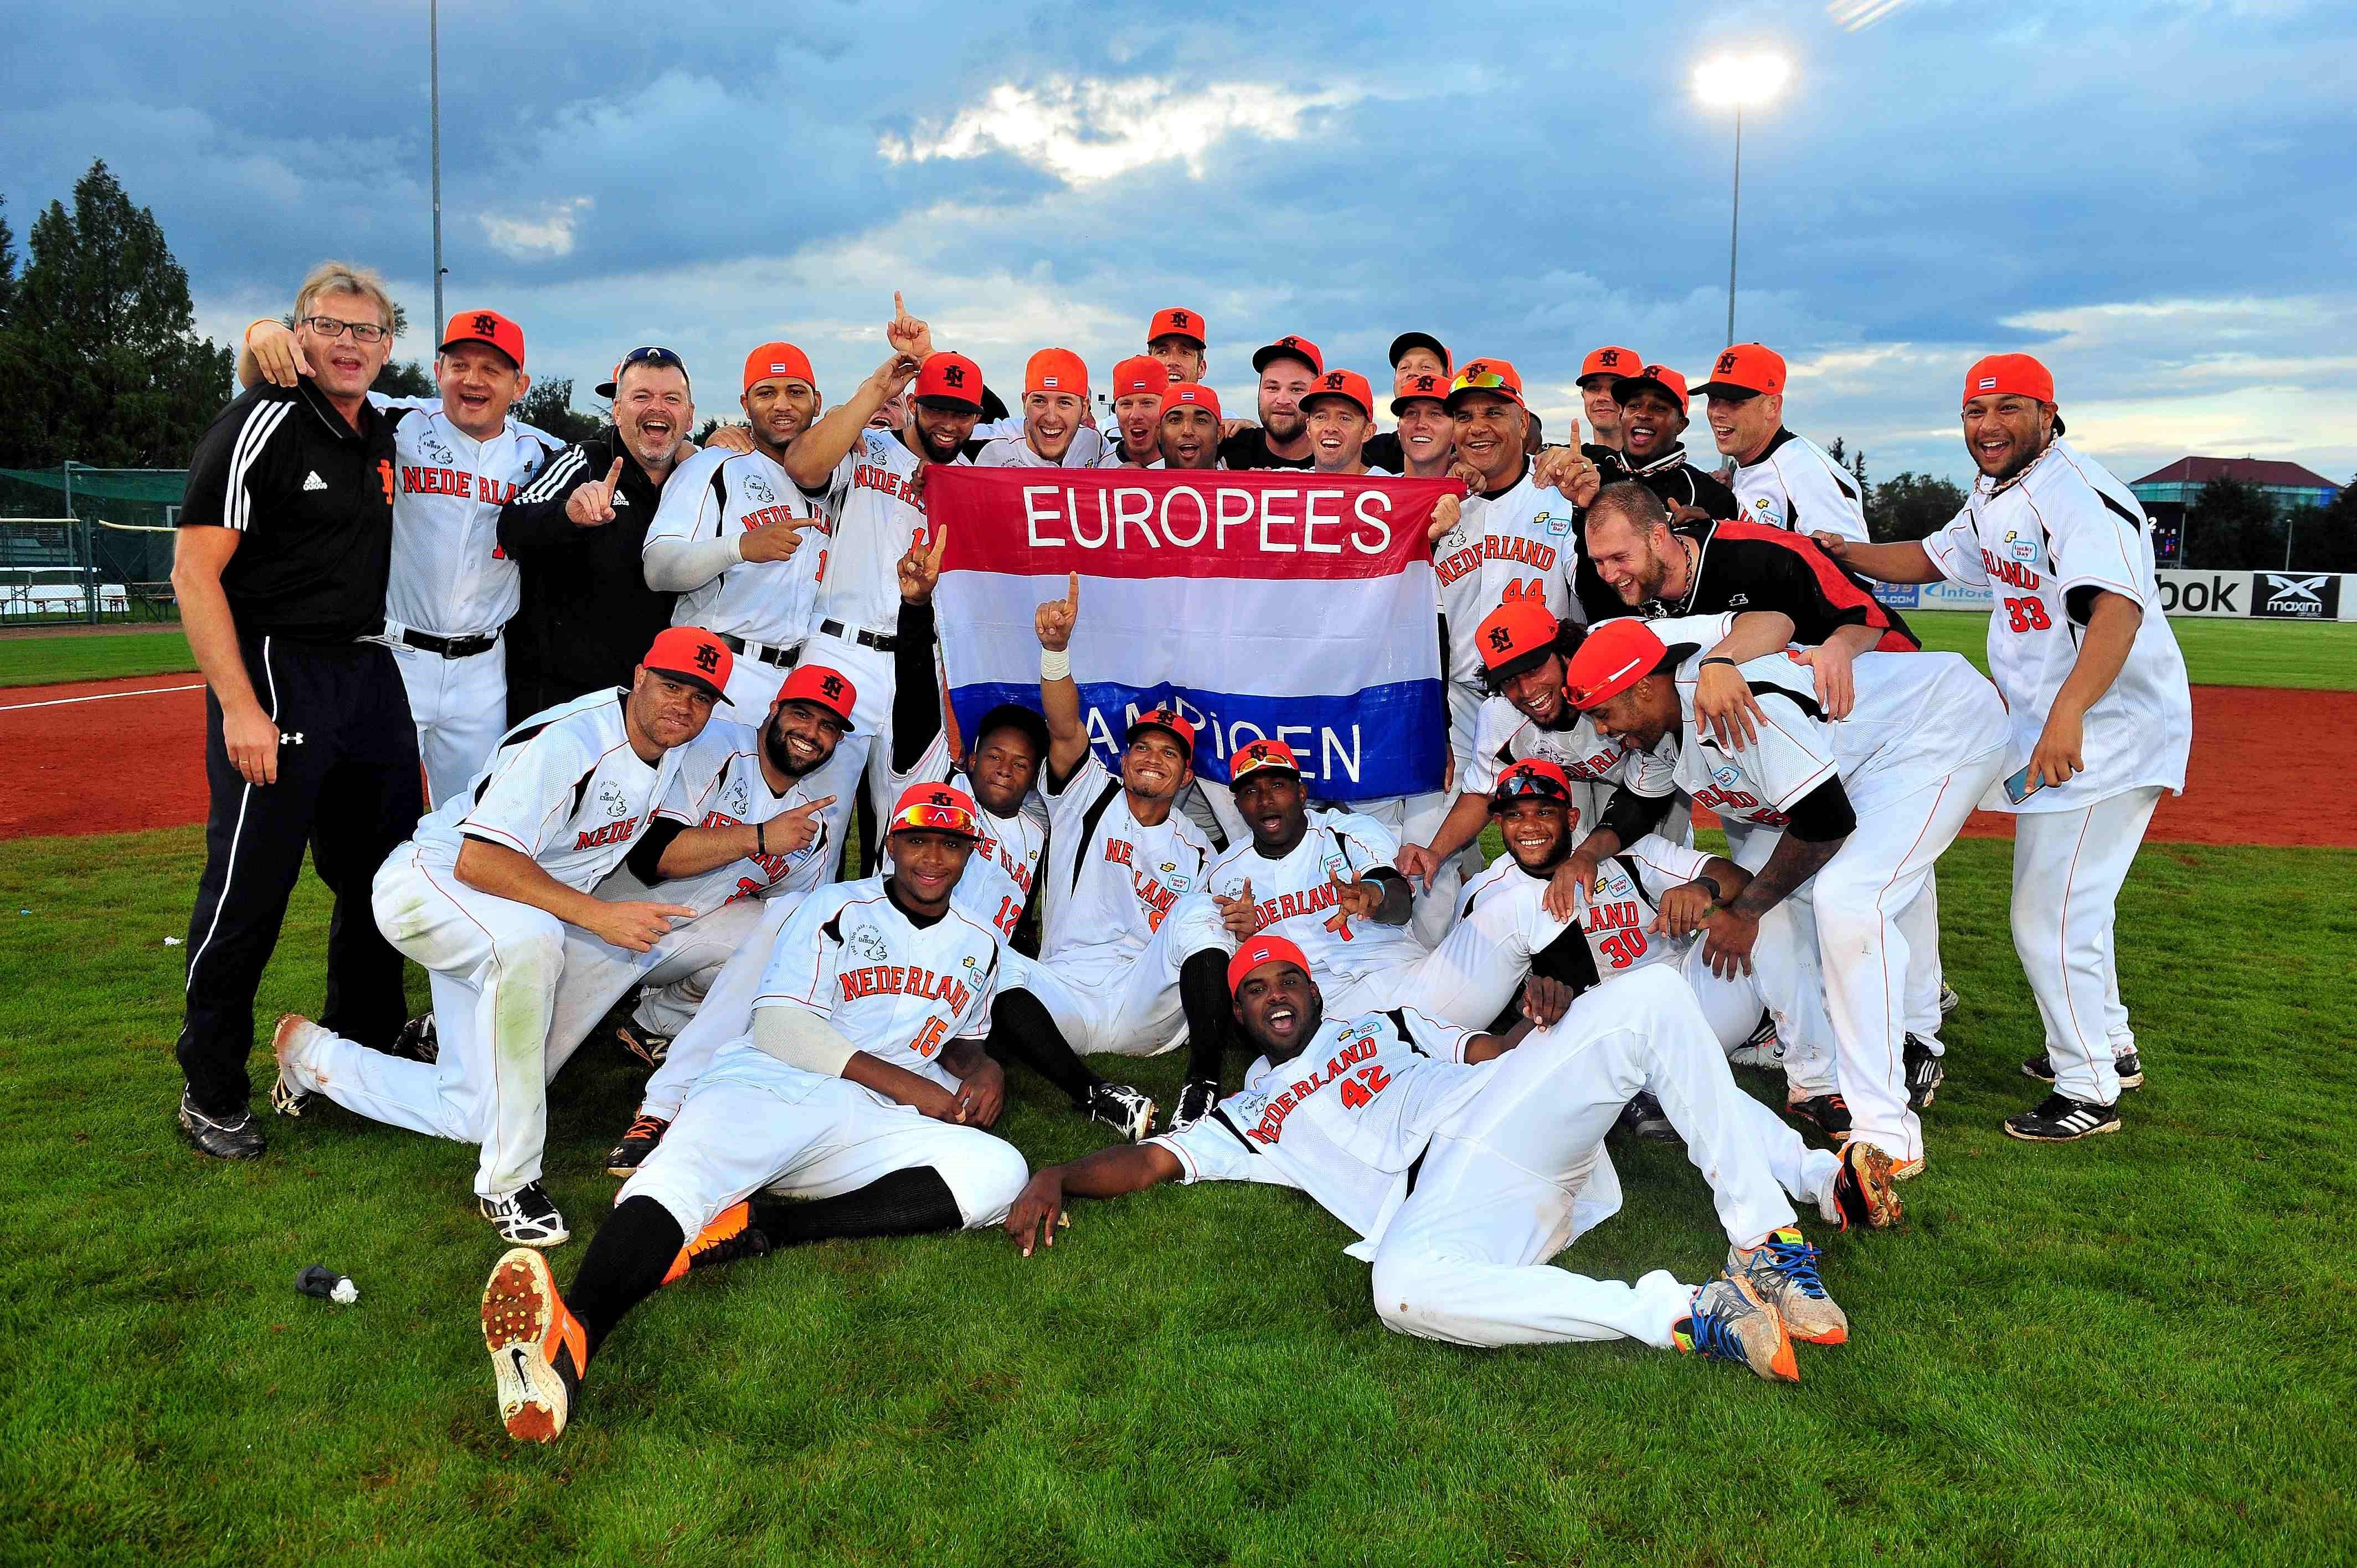 nederland-europees-kampioen-honkbal